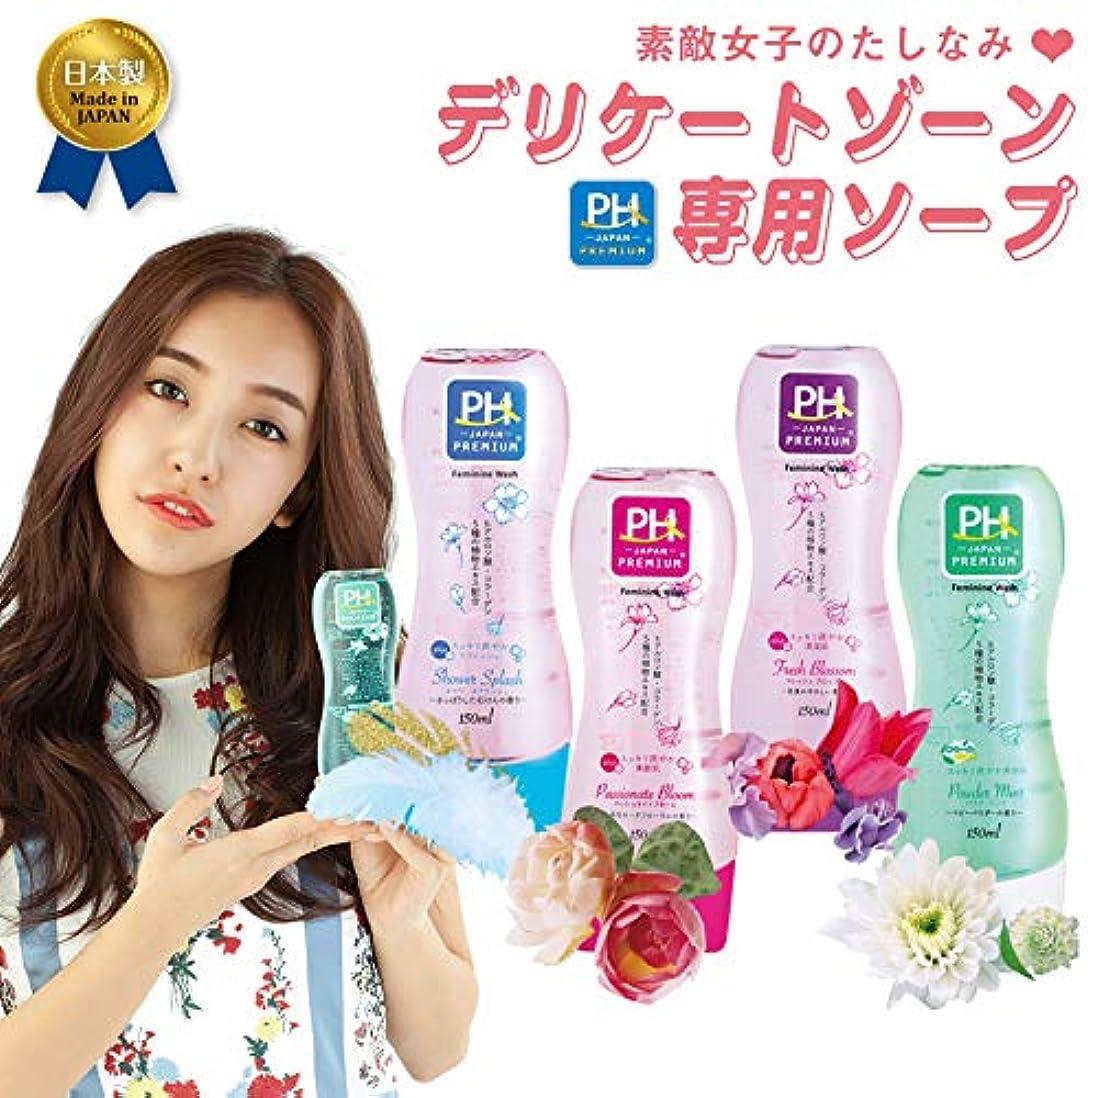 アクセサリーライオン説明フレッシュブロッソム4本セット PH JAPAN フェミニンウォッシュ 花束のやさしい香り